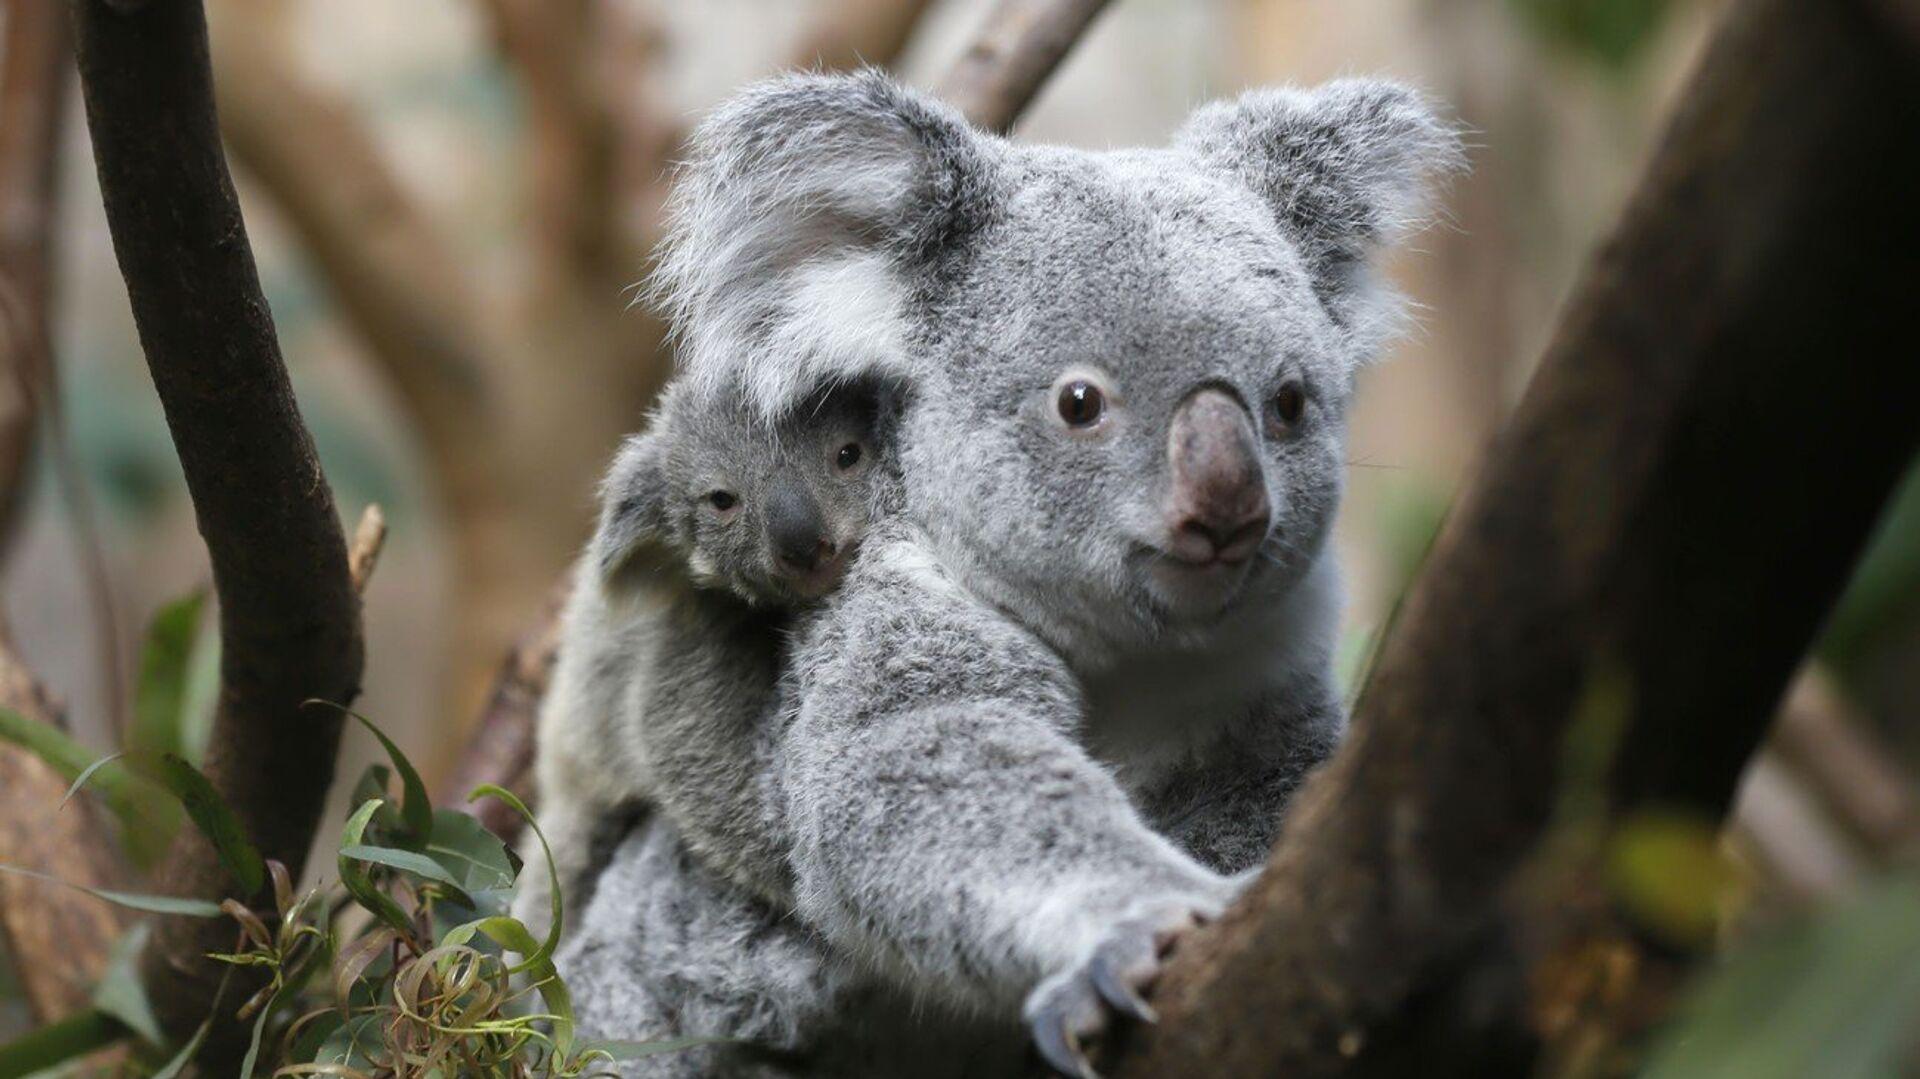 Koala, jedno z nejznámějších australských zvířat - Sputnik Česká republika, 1920, 16.07.2021